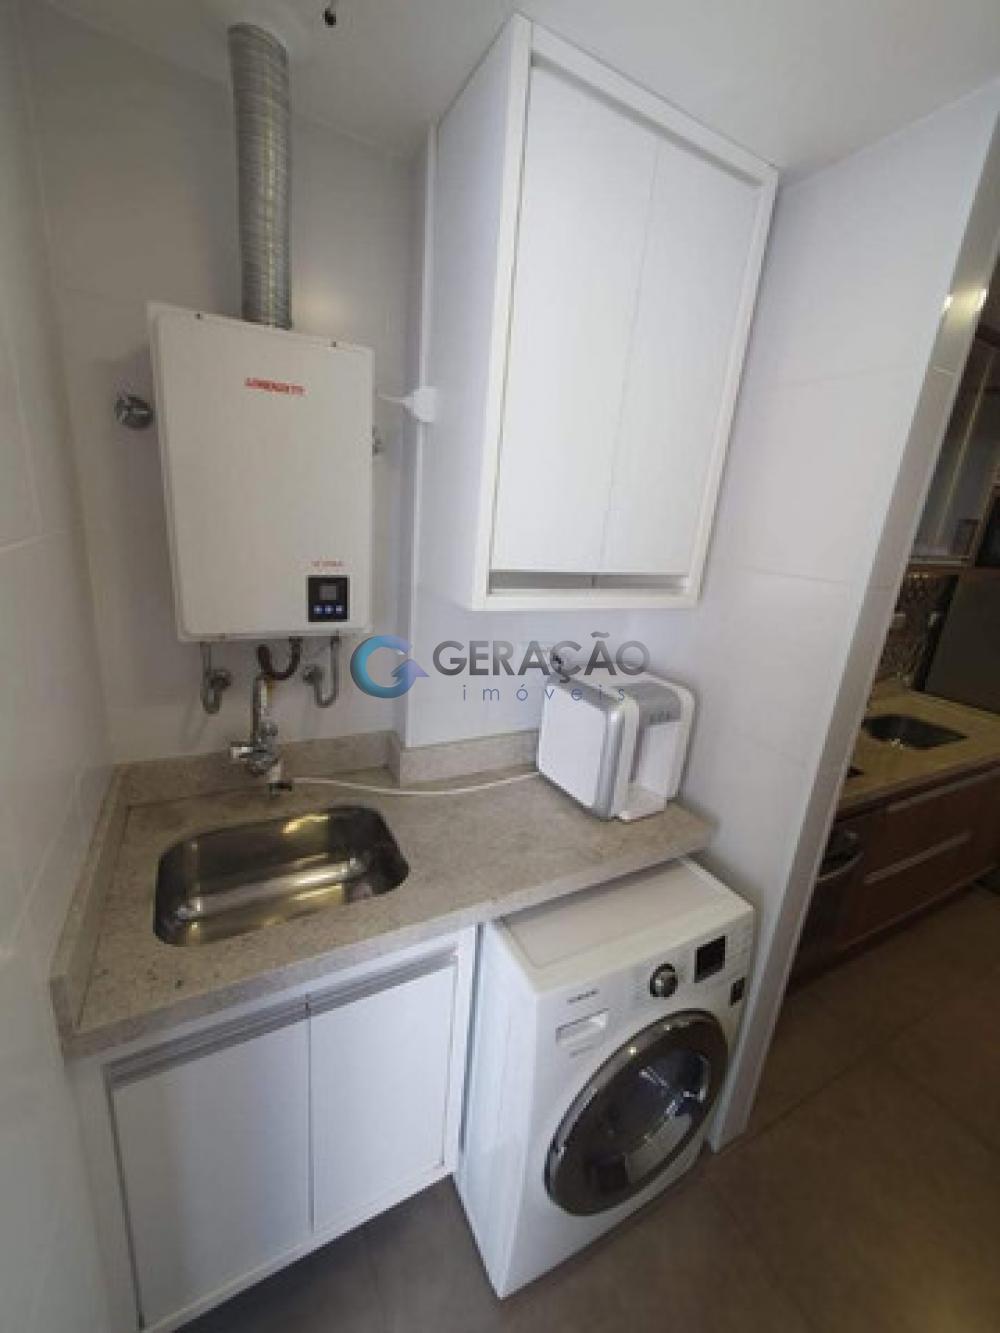 Comprar Apartamento / Padrão em São José dos Campos R$ 770.000,00 - Foto 12